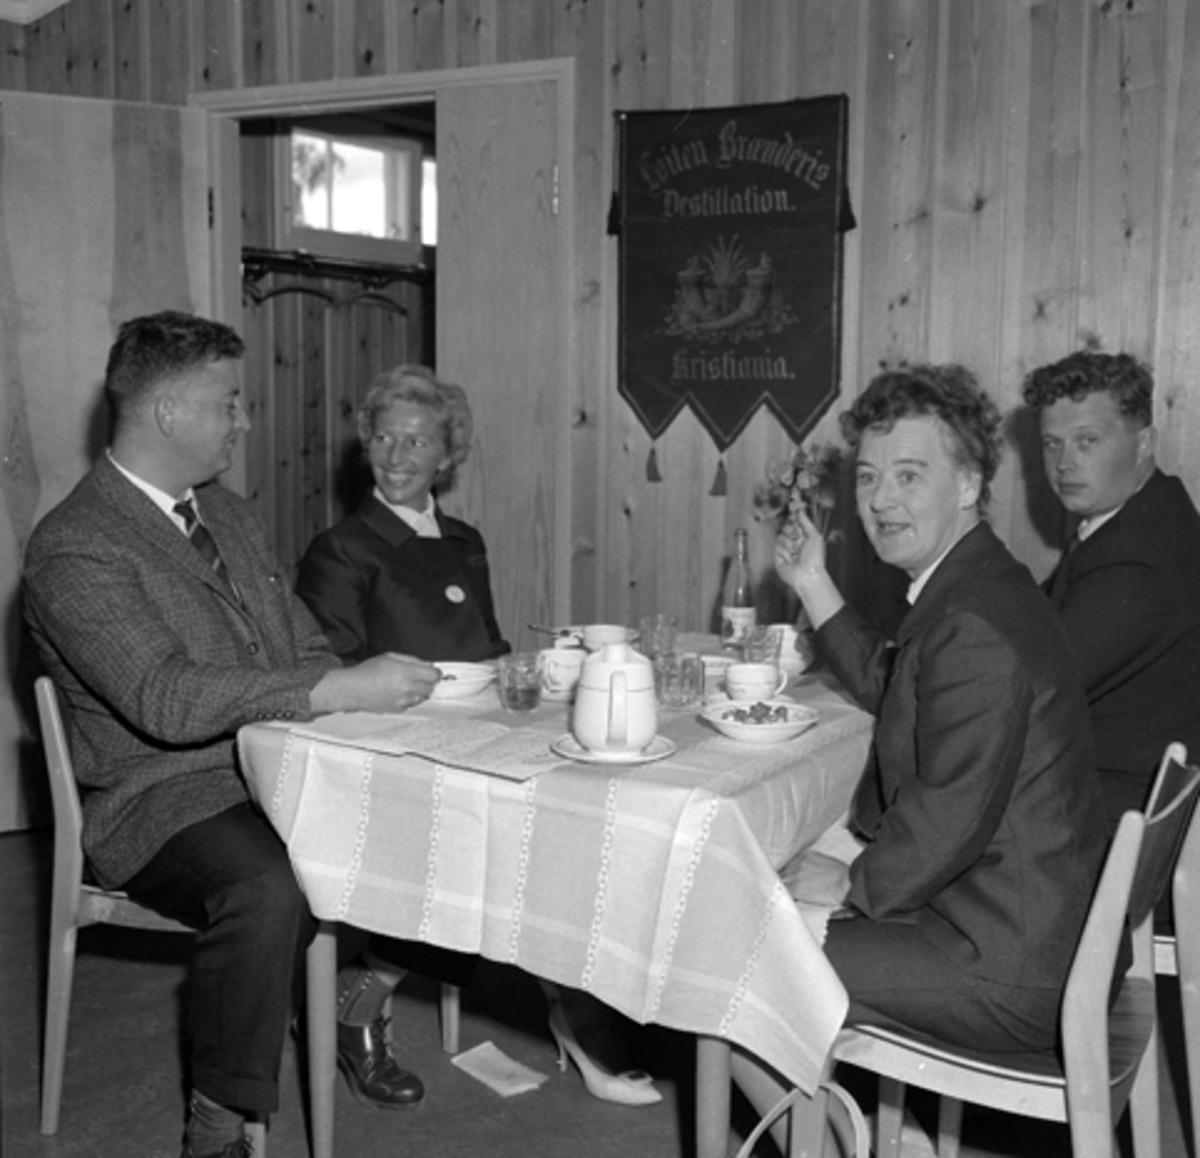 LØITEN BRENNERI, LØTEN 15-16/8-1962. SALGSKONSULENTER, MÅLTID.